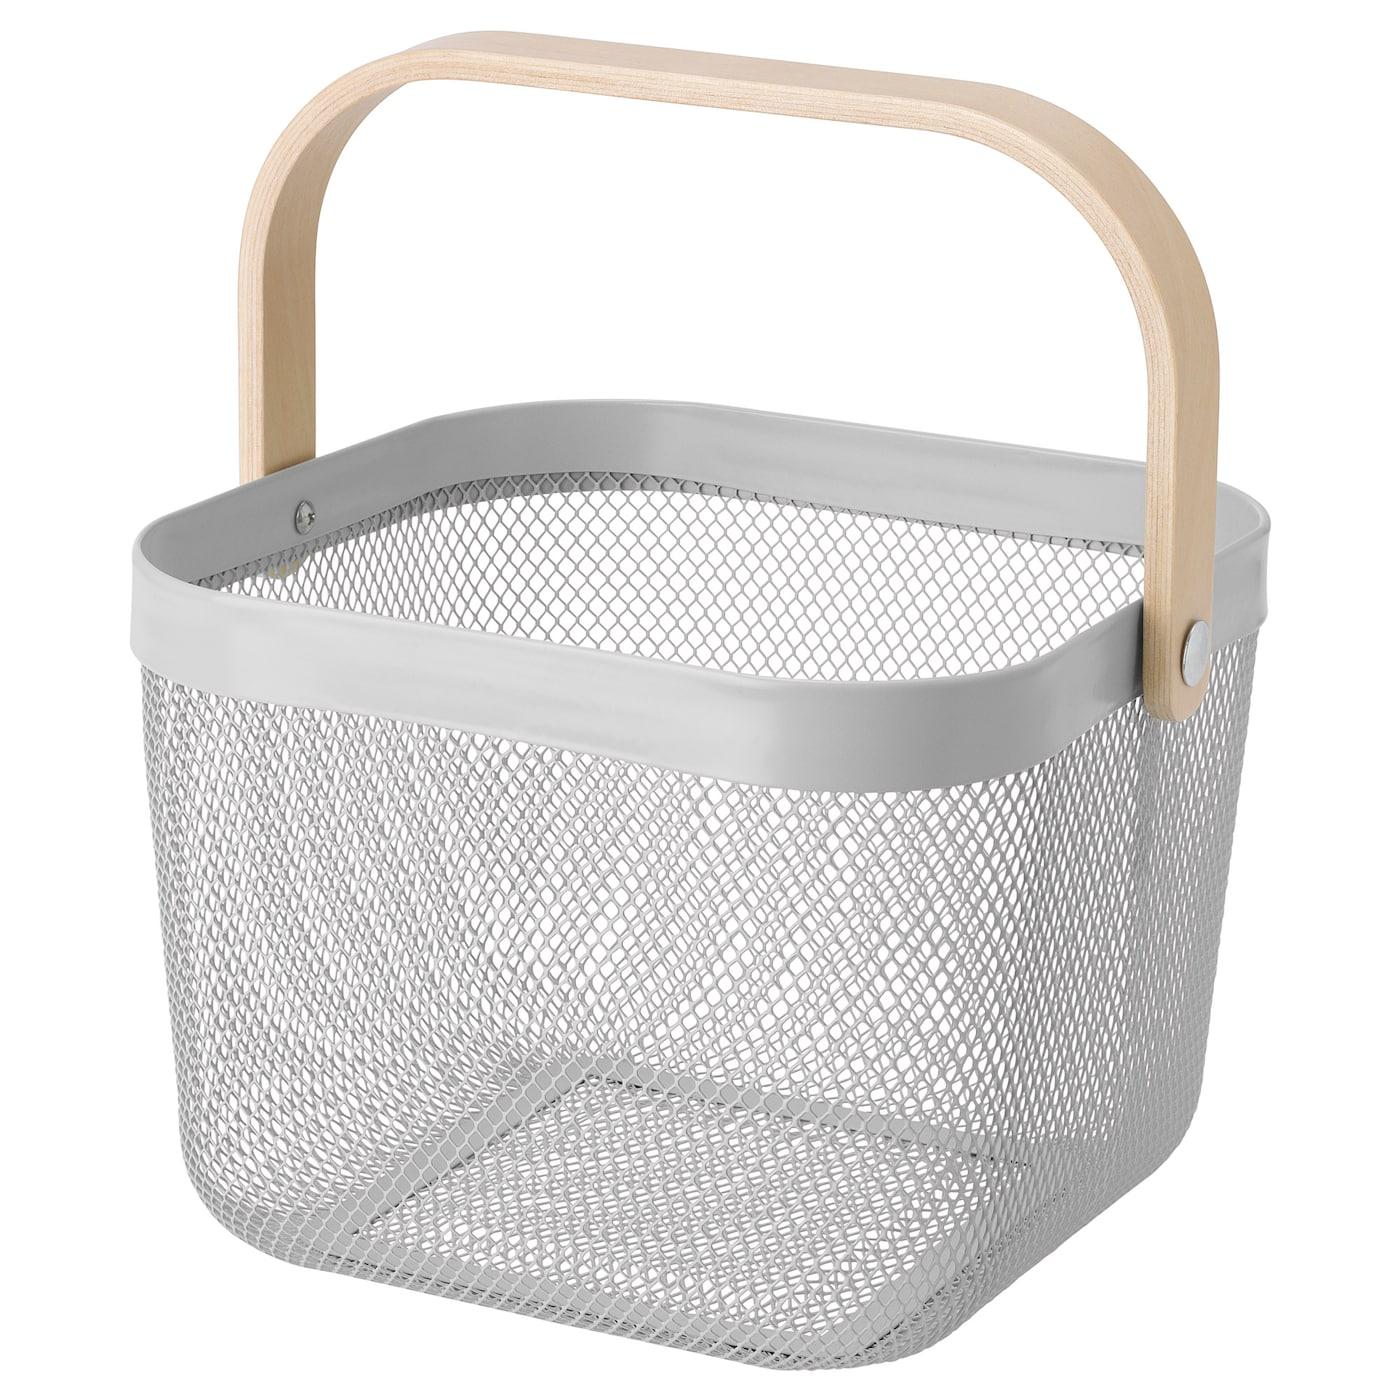 Wicker Baskets Baskets Ikea